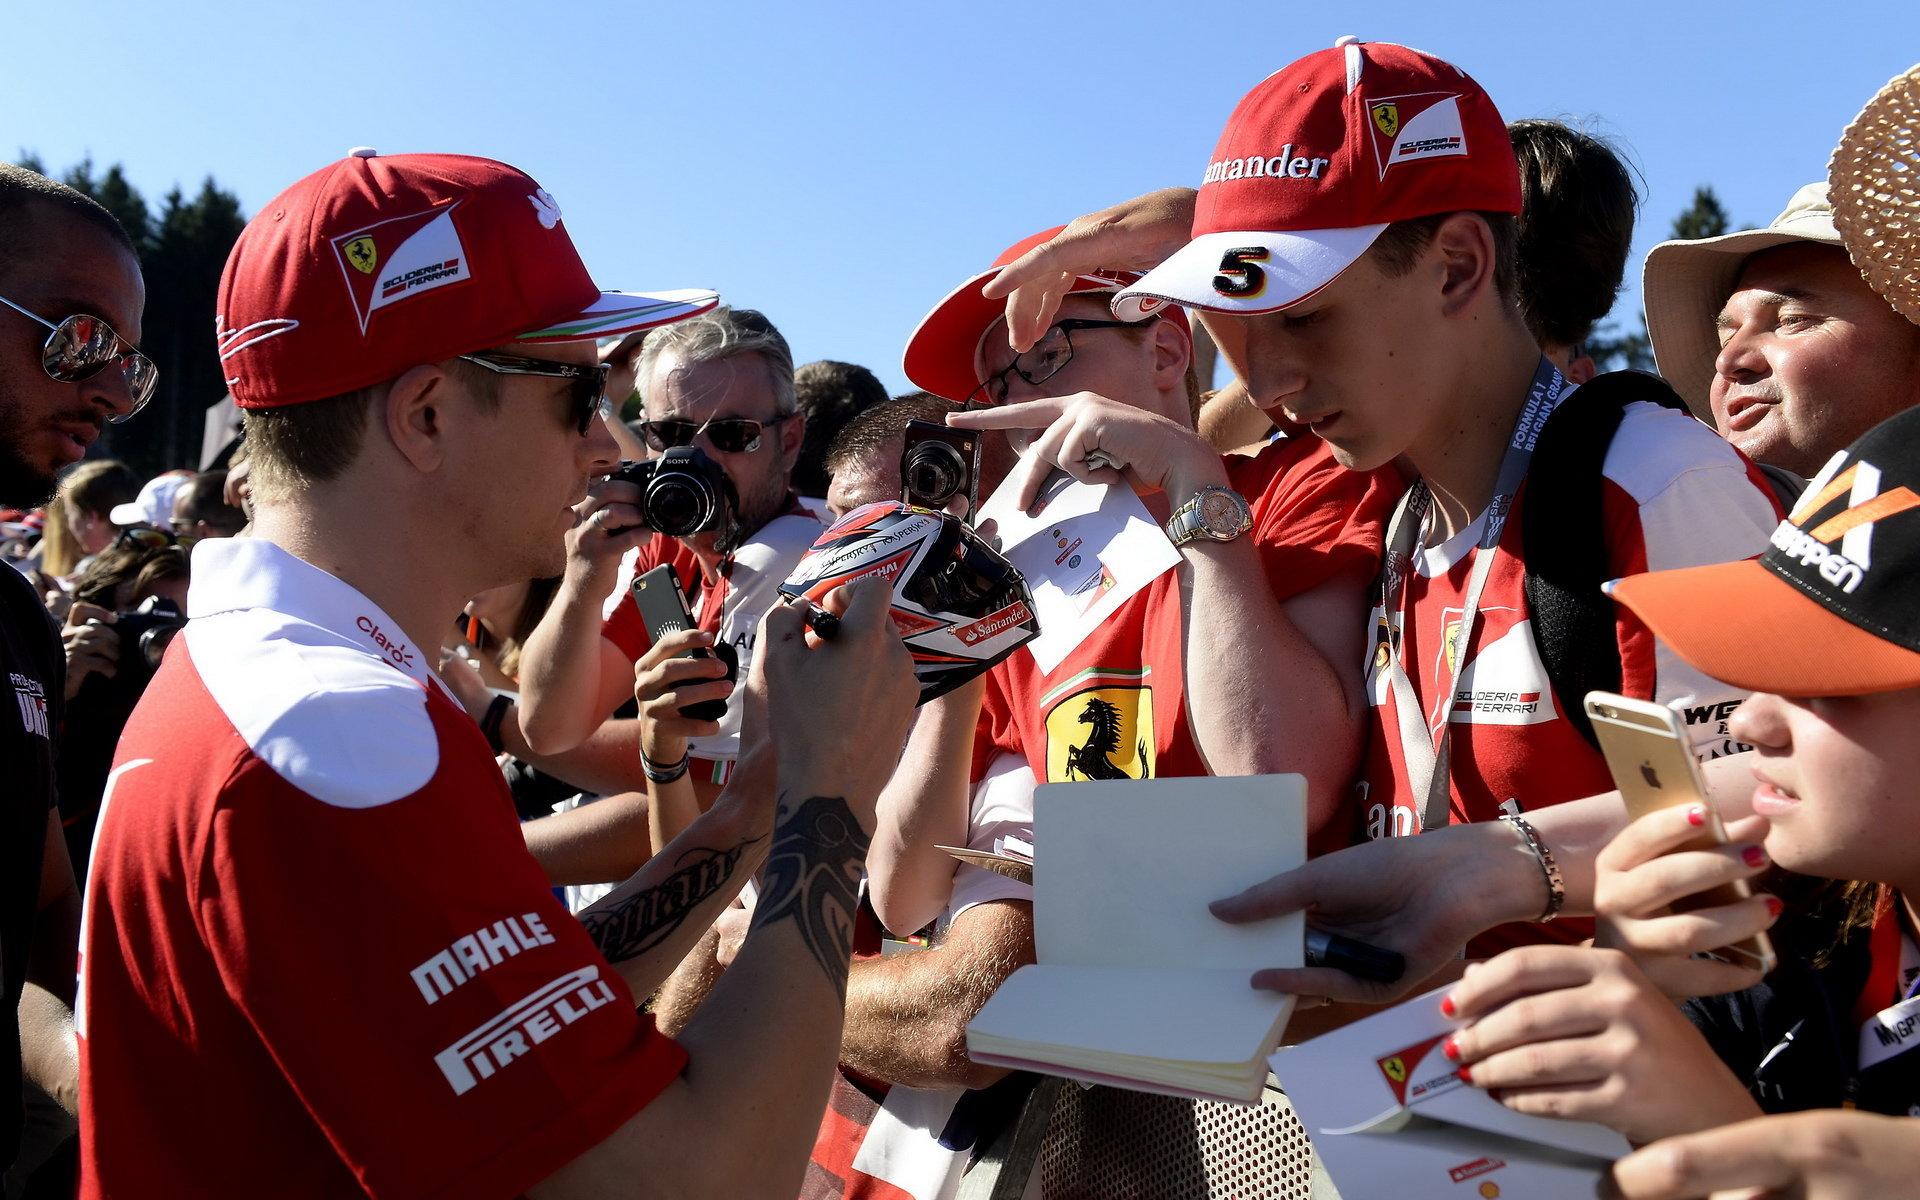 Räikkönen managementu Ferrari věří, zopakuje Iceman závod před sedmi lety? - anotační obrázek